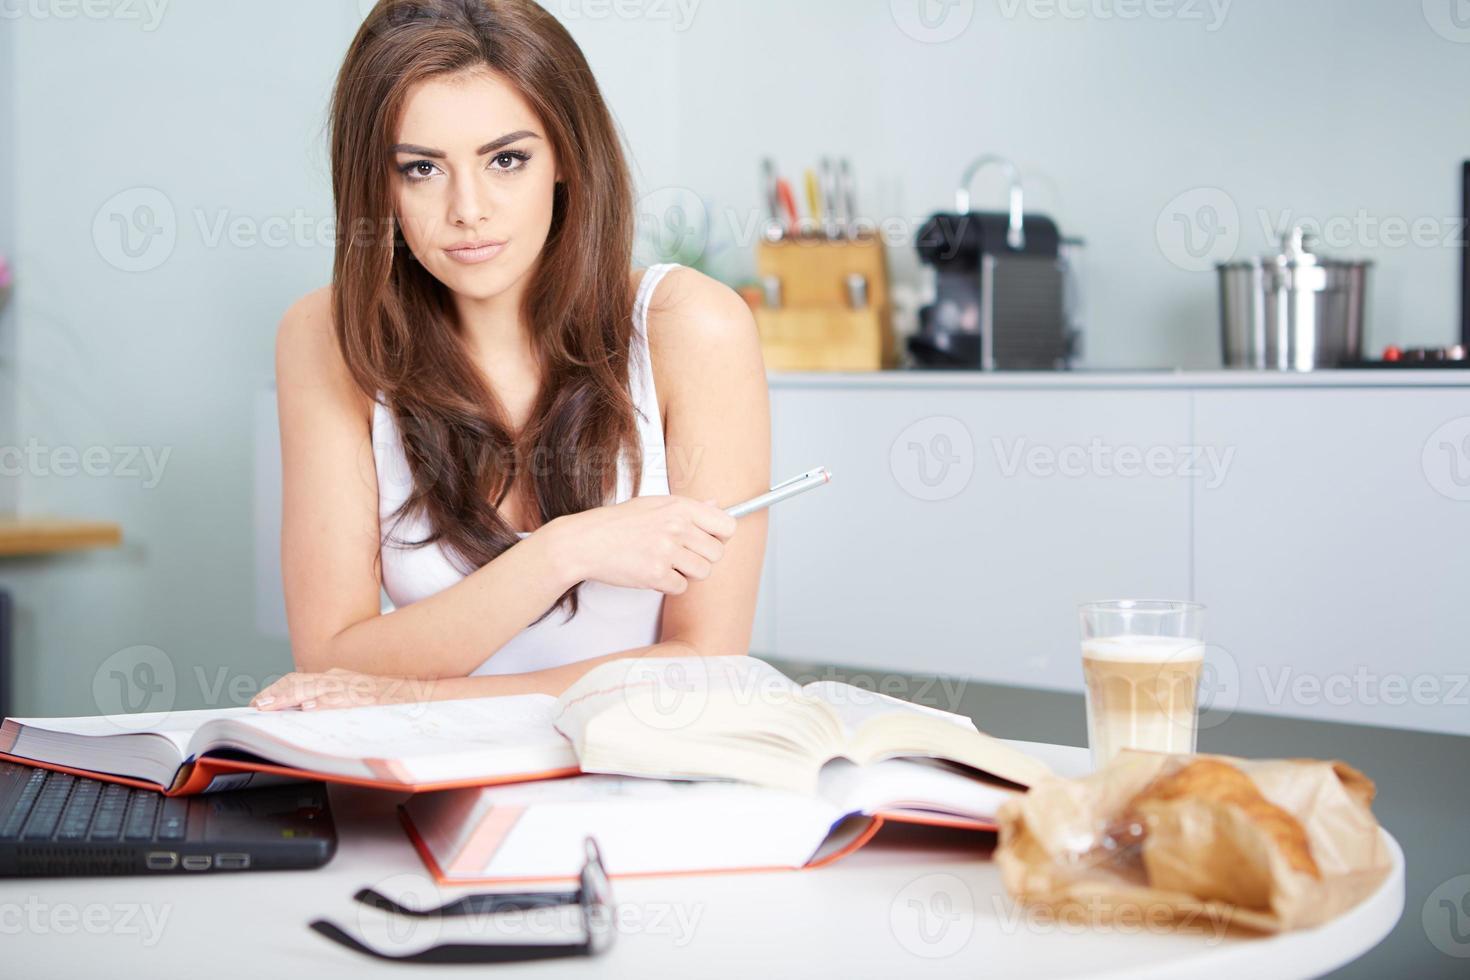 jonge student vrouw met veel boeken studeren foto